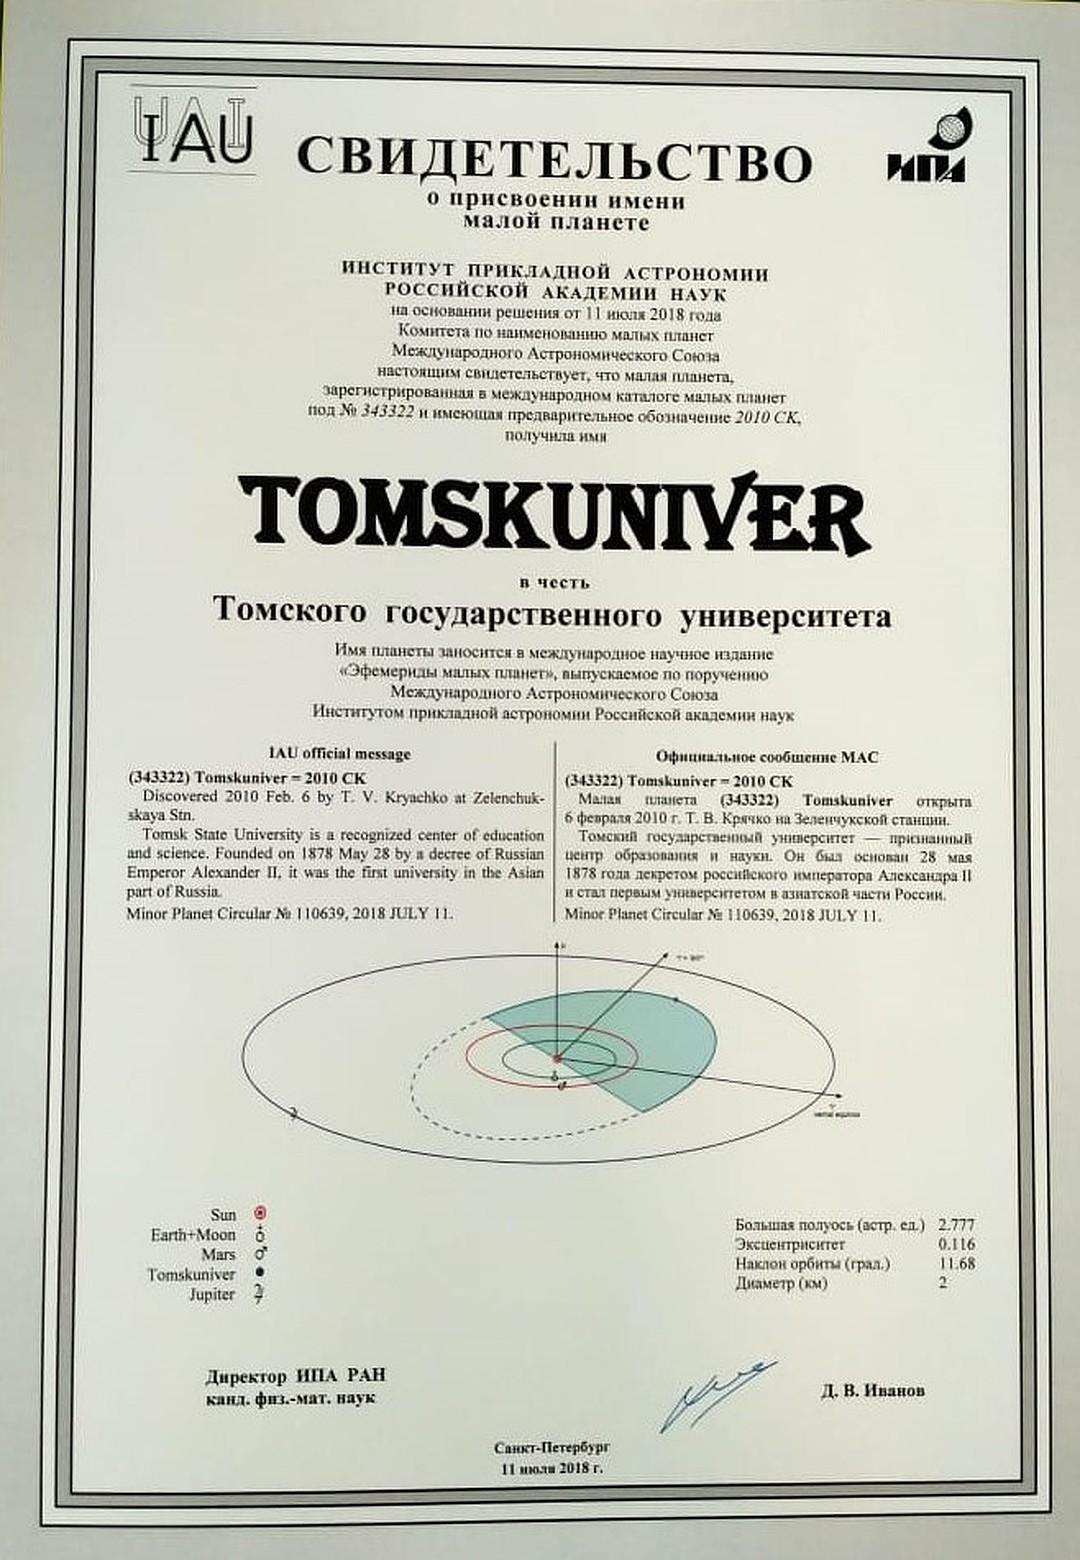 sv-tgu1080.jpg